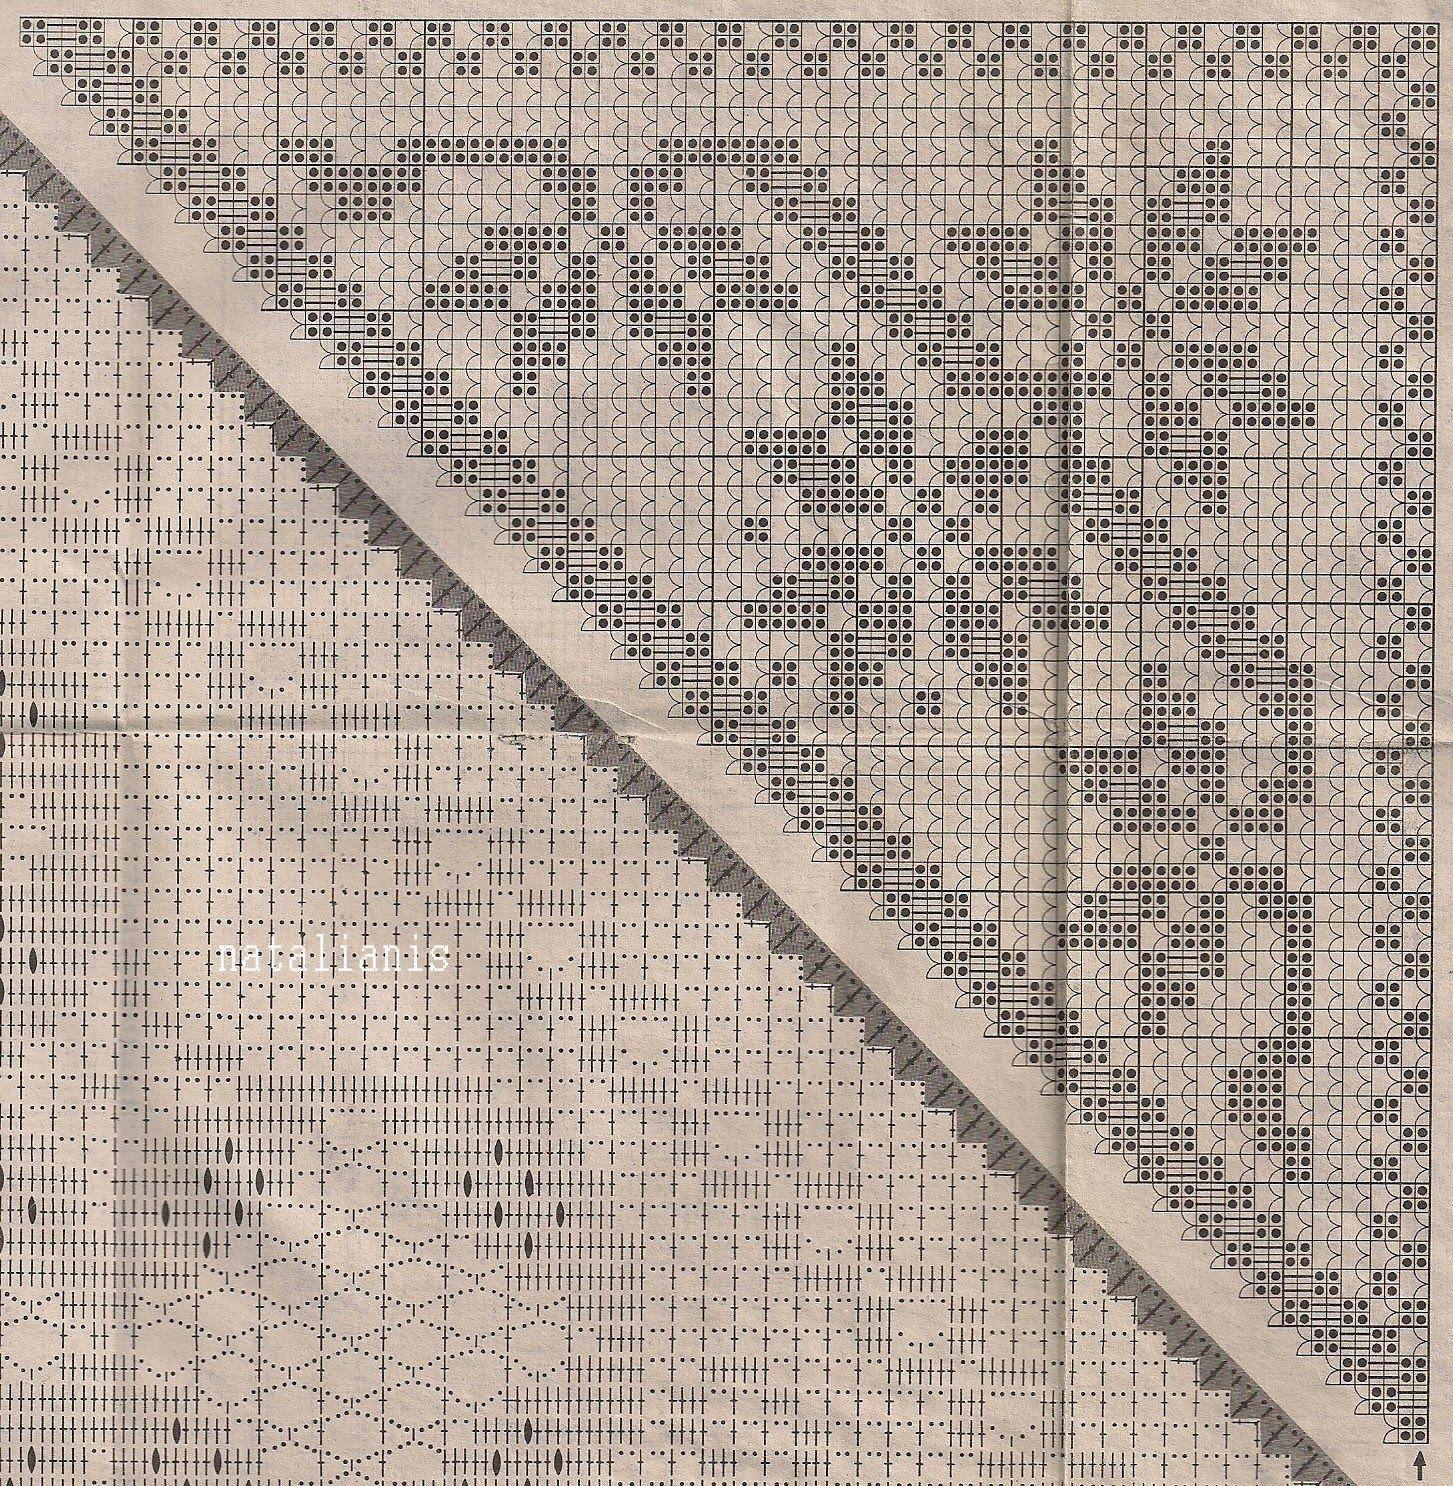 сканирование0012.jpg (1453×1486)